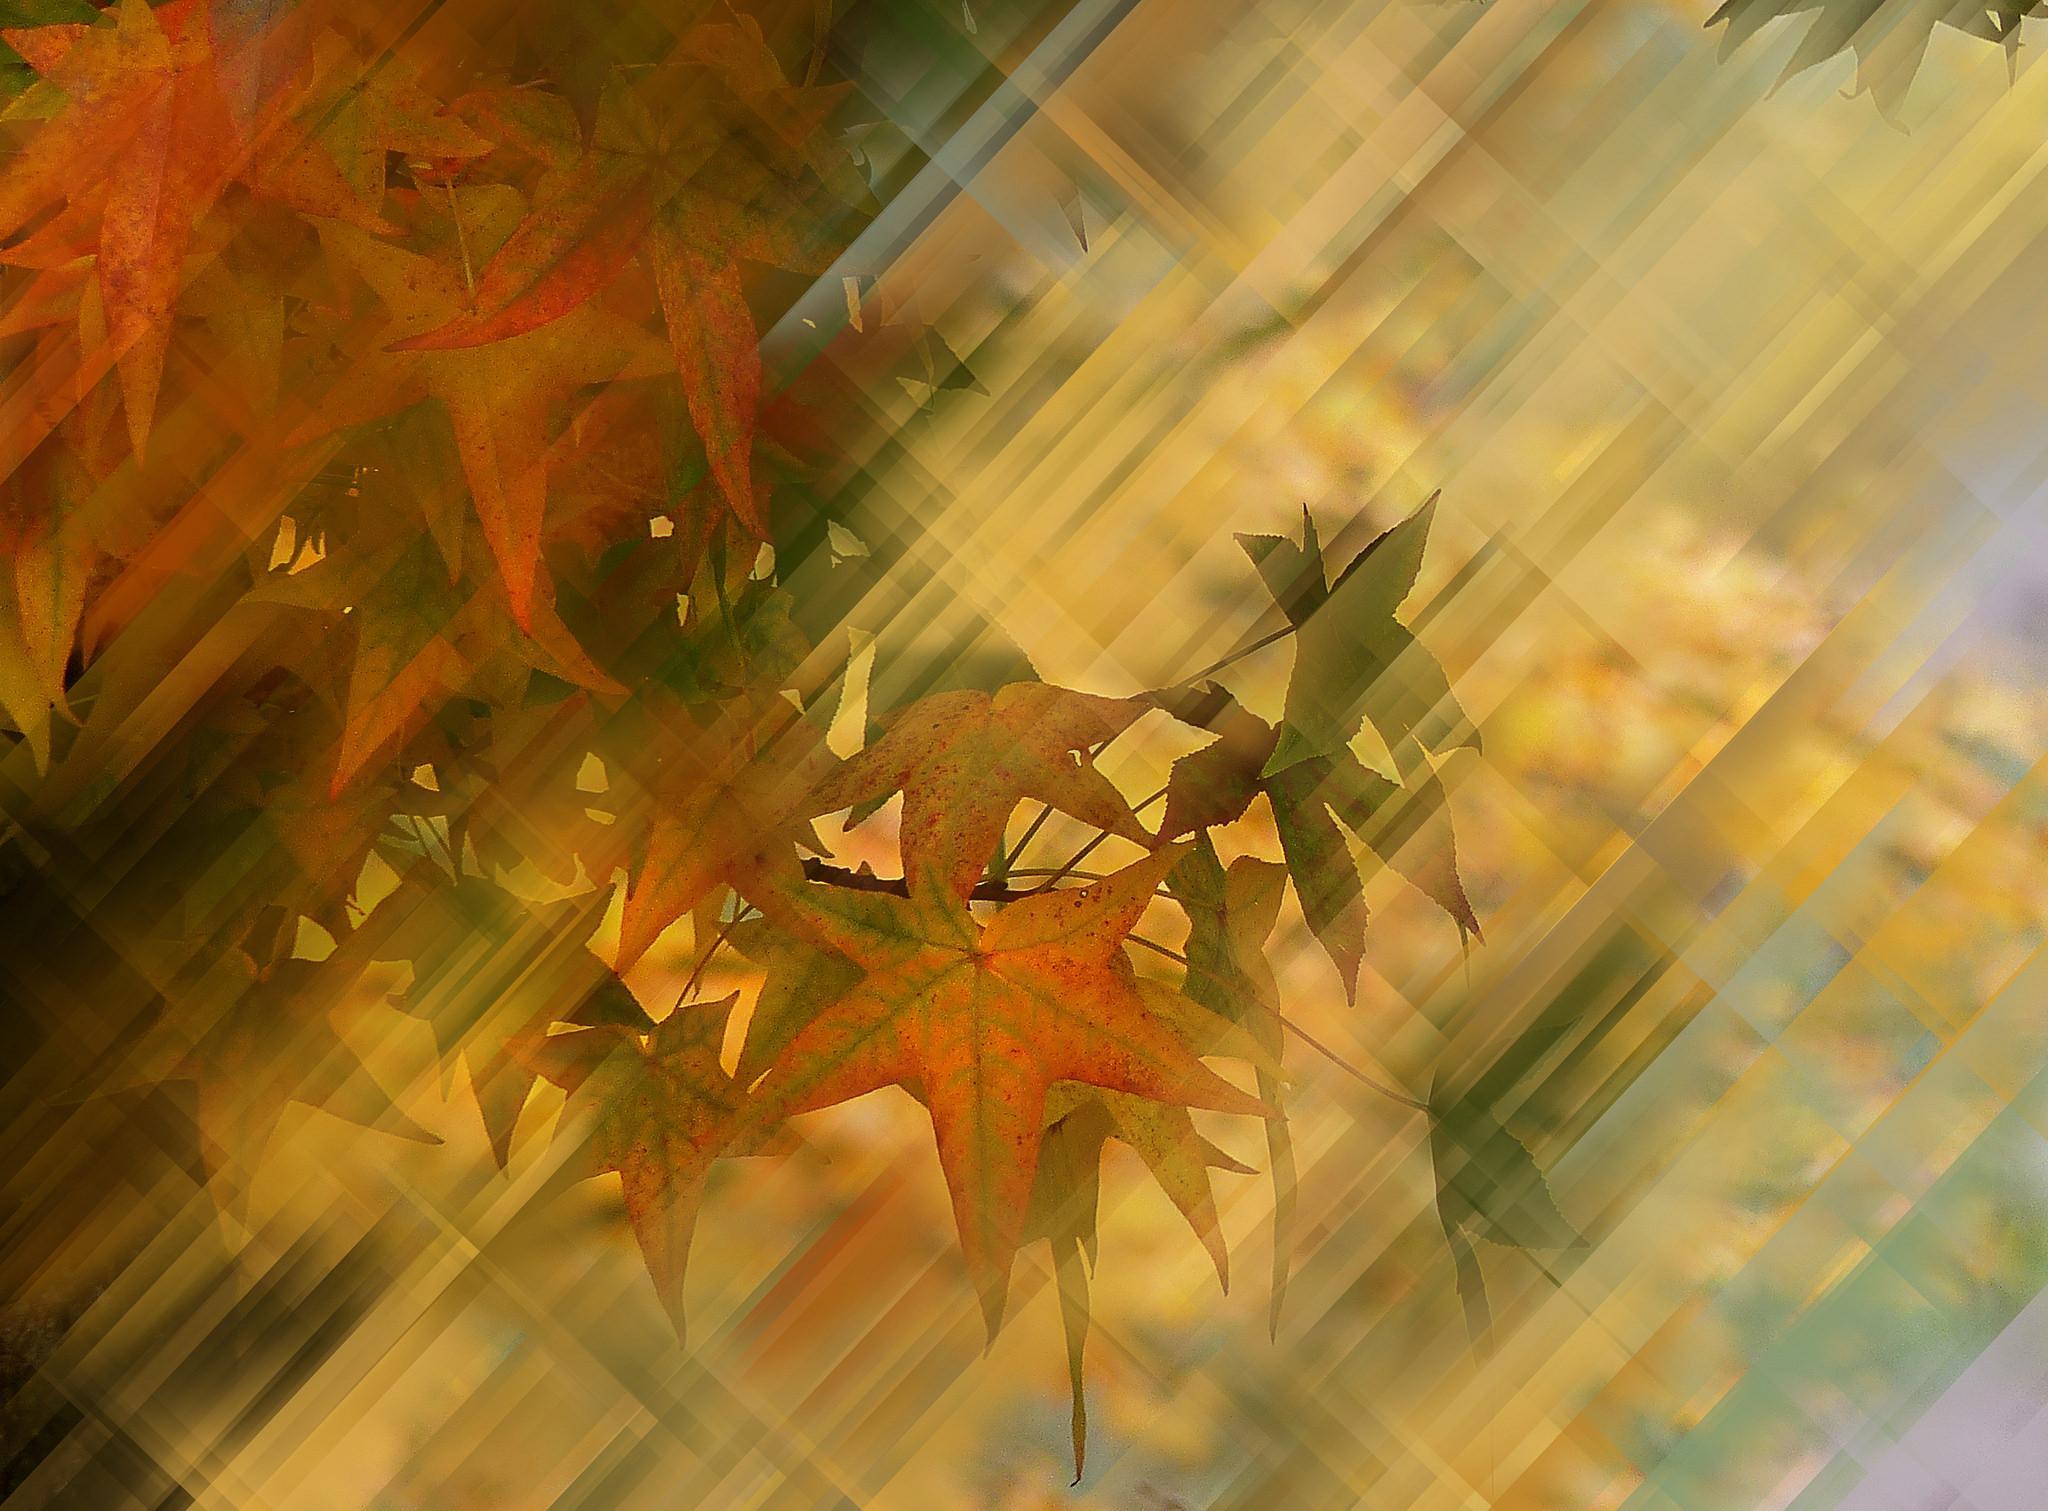 обои осенняя композиция, ветки, листья, абстракция картинки фото